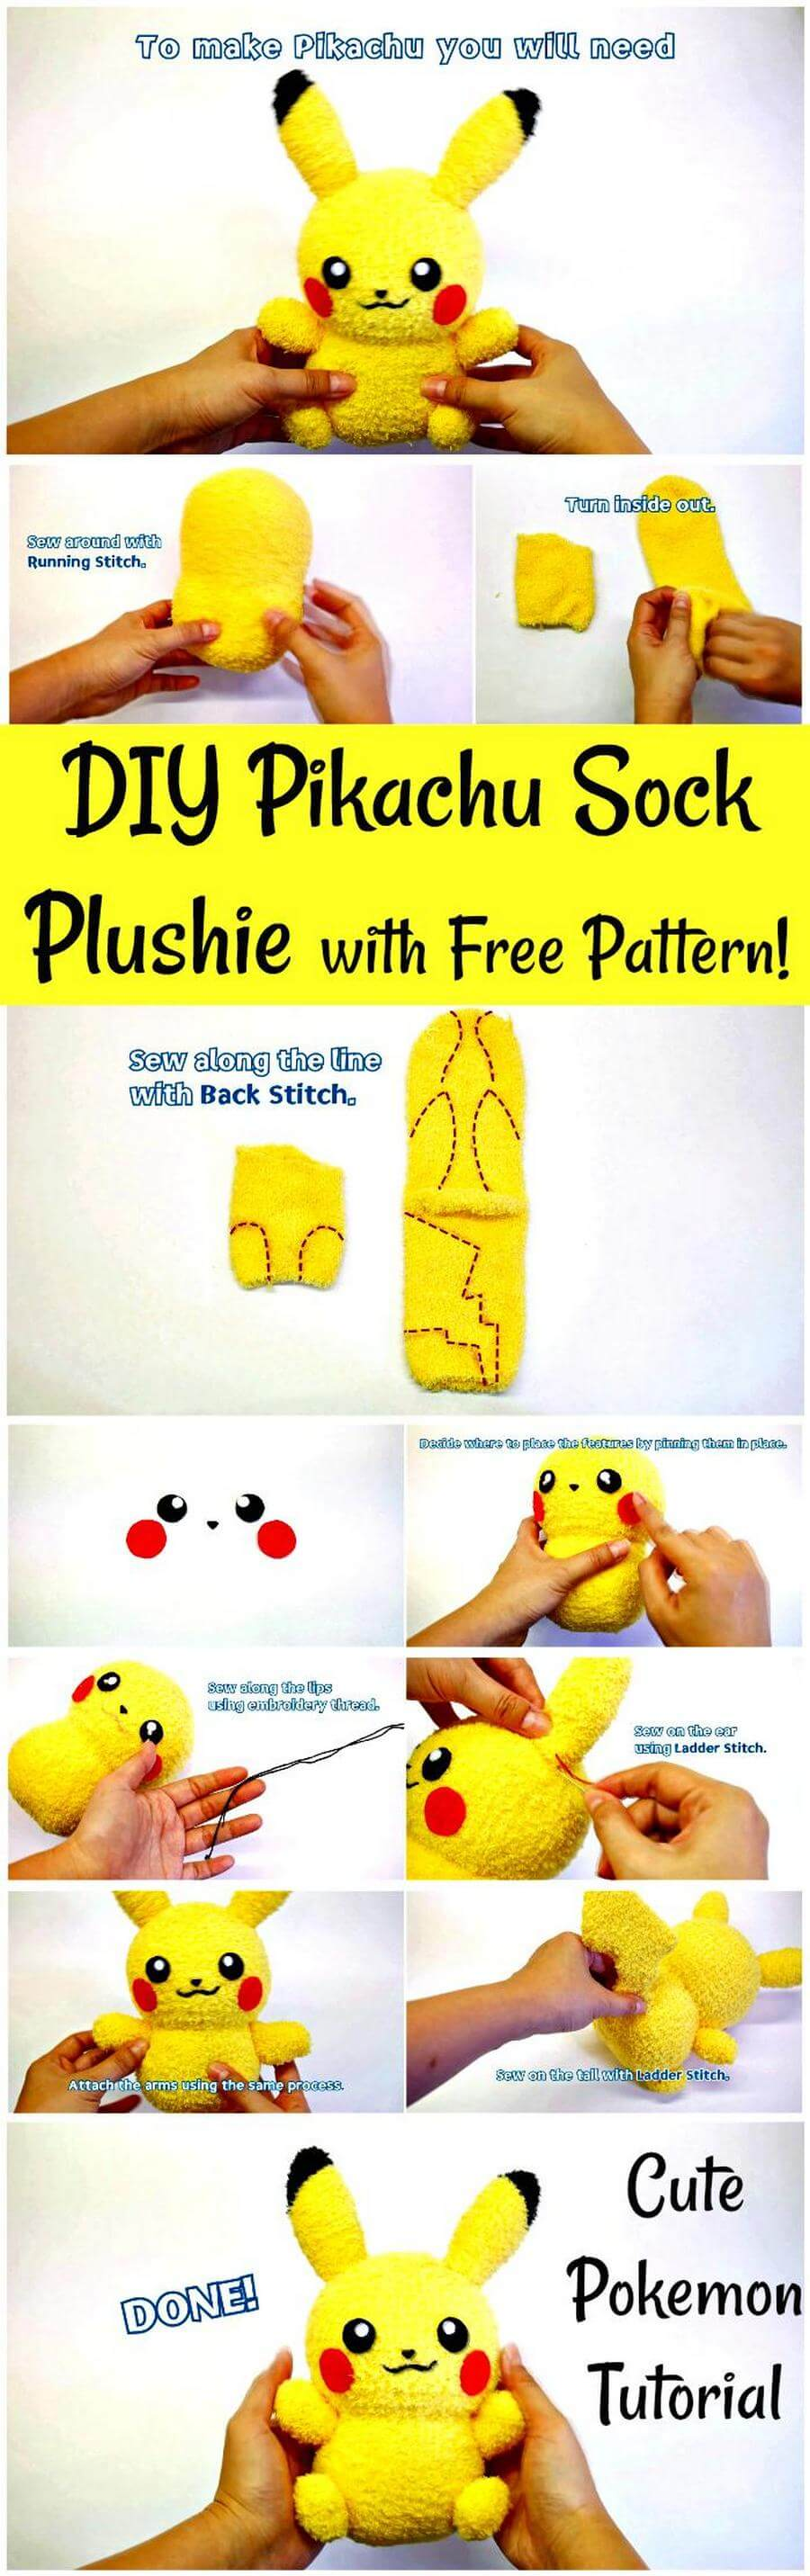 DIY Pikachu Sock Plushie with Free Pattern